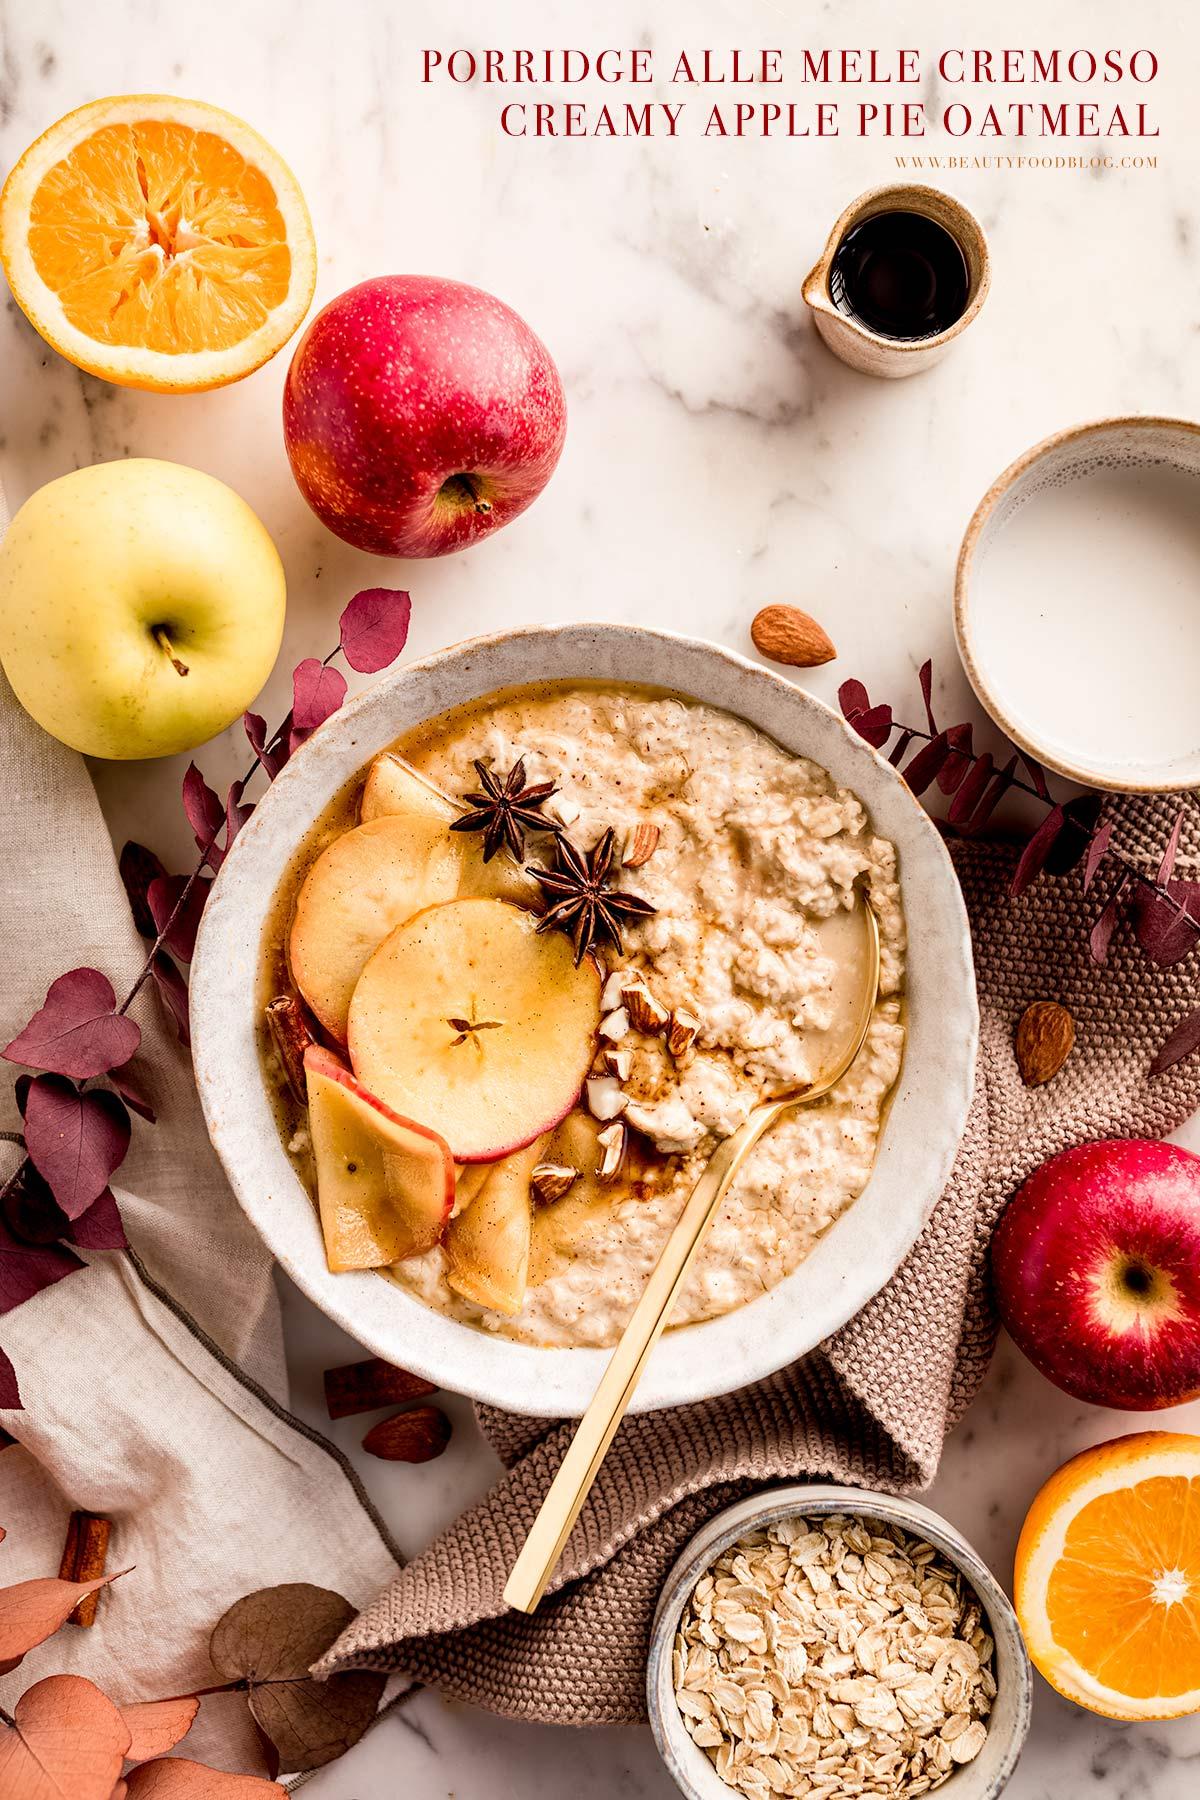 vegan healthy creamy apple pie oatmeal recipe gluten-free ricetta porridge alle mele cremoso vegan senza glutine porridge torta di mele